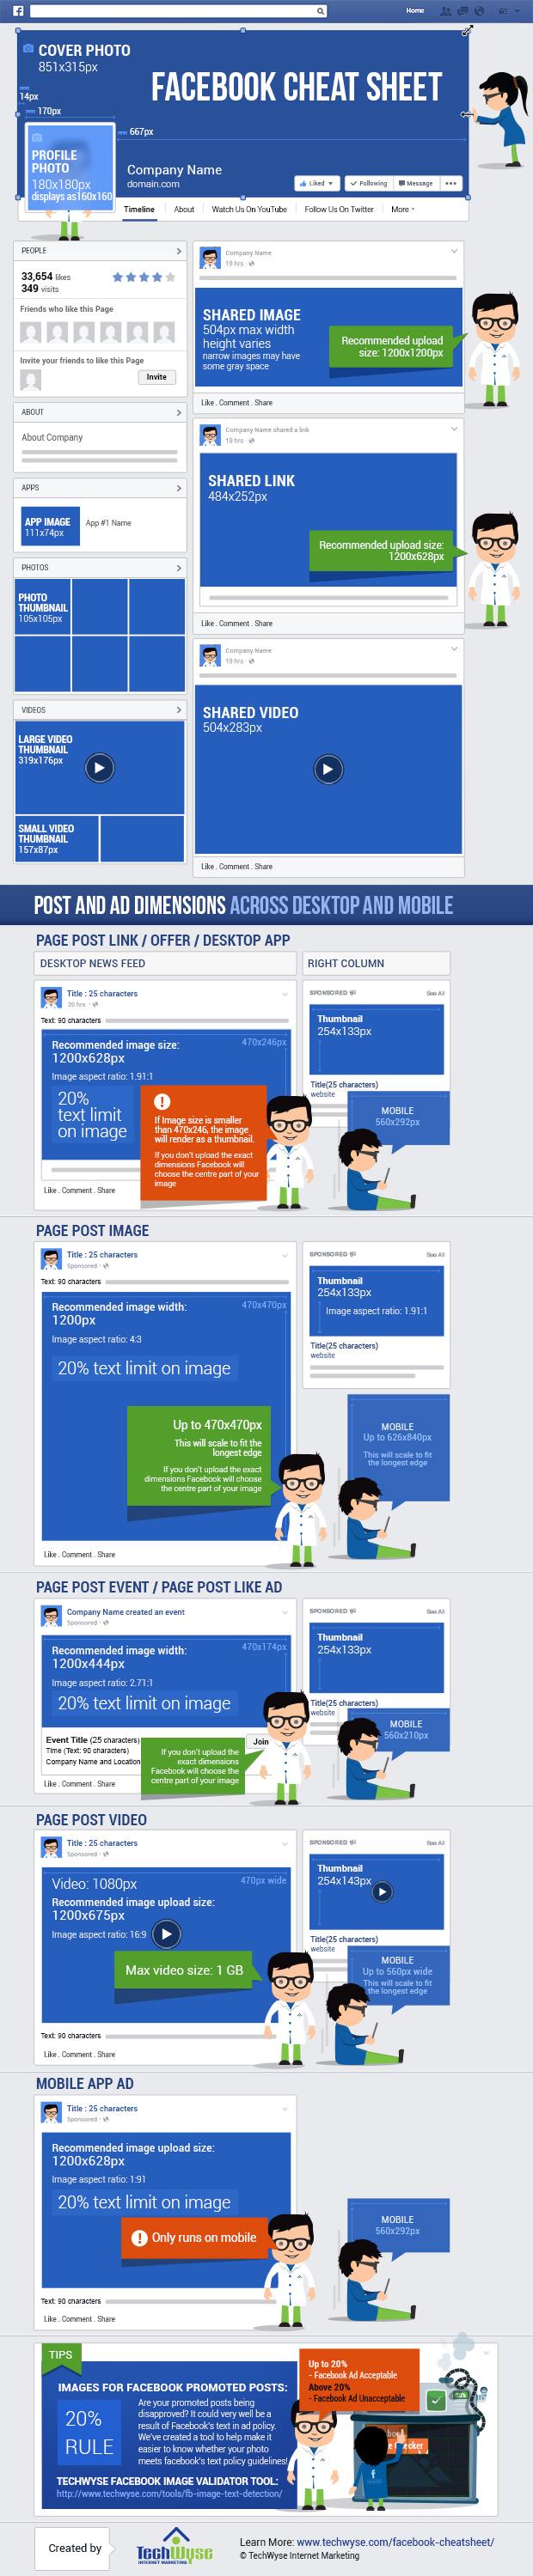 TechWyseCheatSheetInfographic